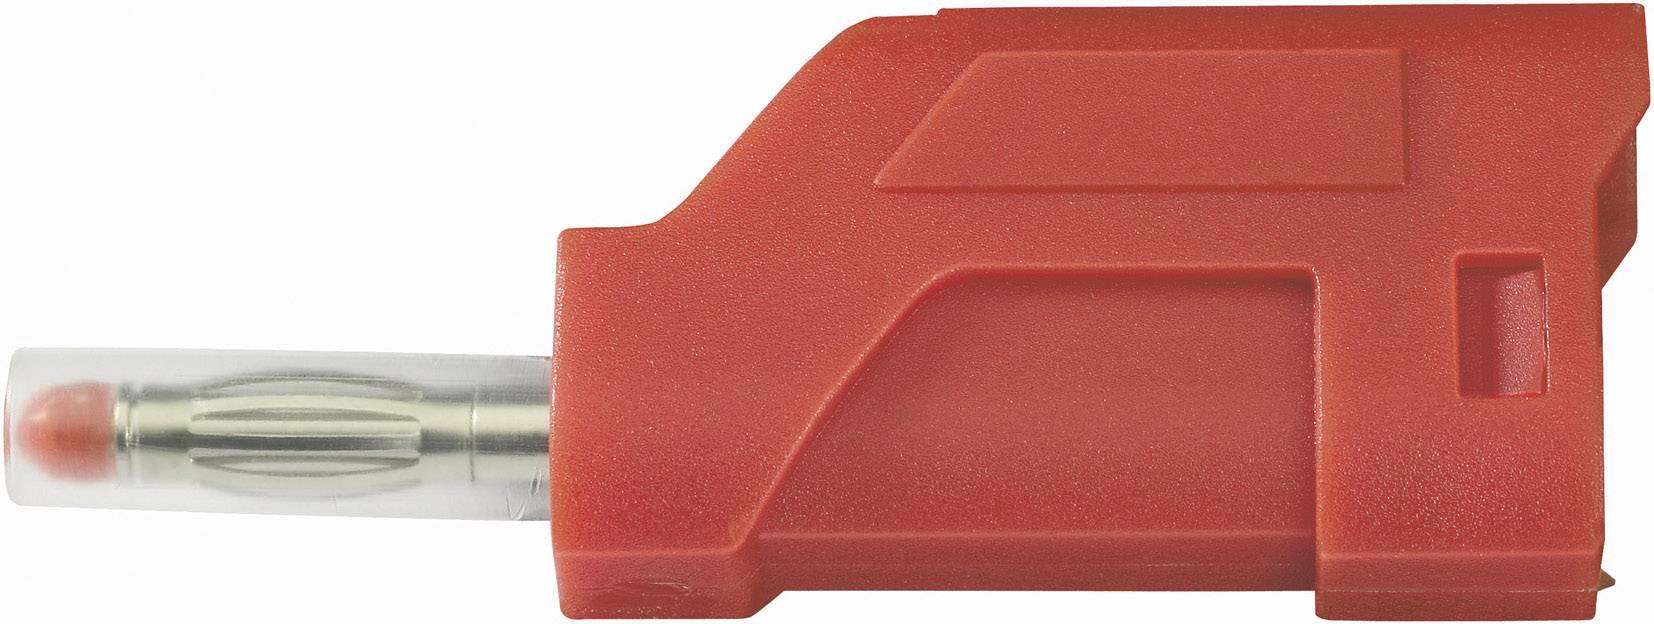 Lamelová zástrčka SCI R8-104 R – zástrčka, rovná, Ø hrotu: 4 mm, červená, 1 ks